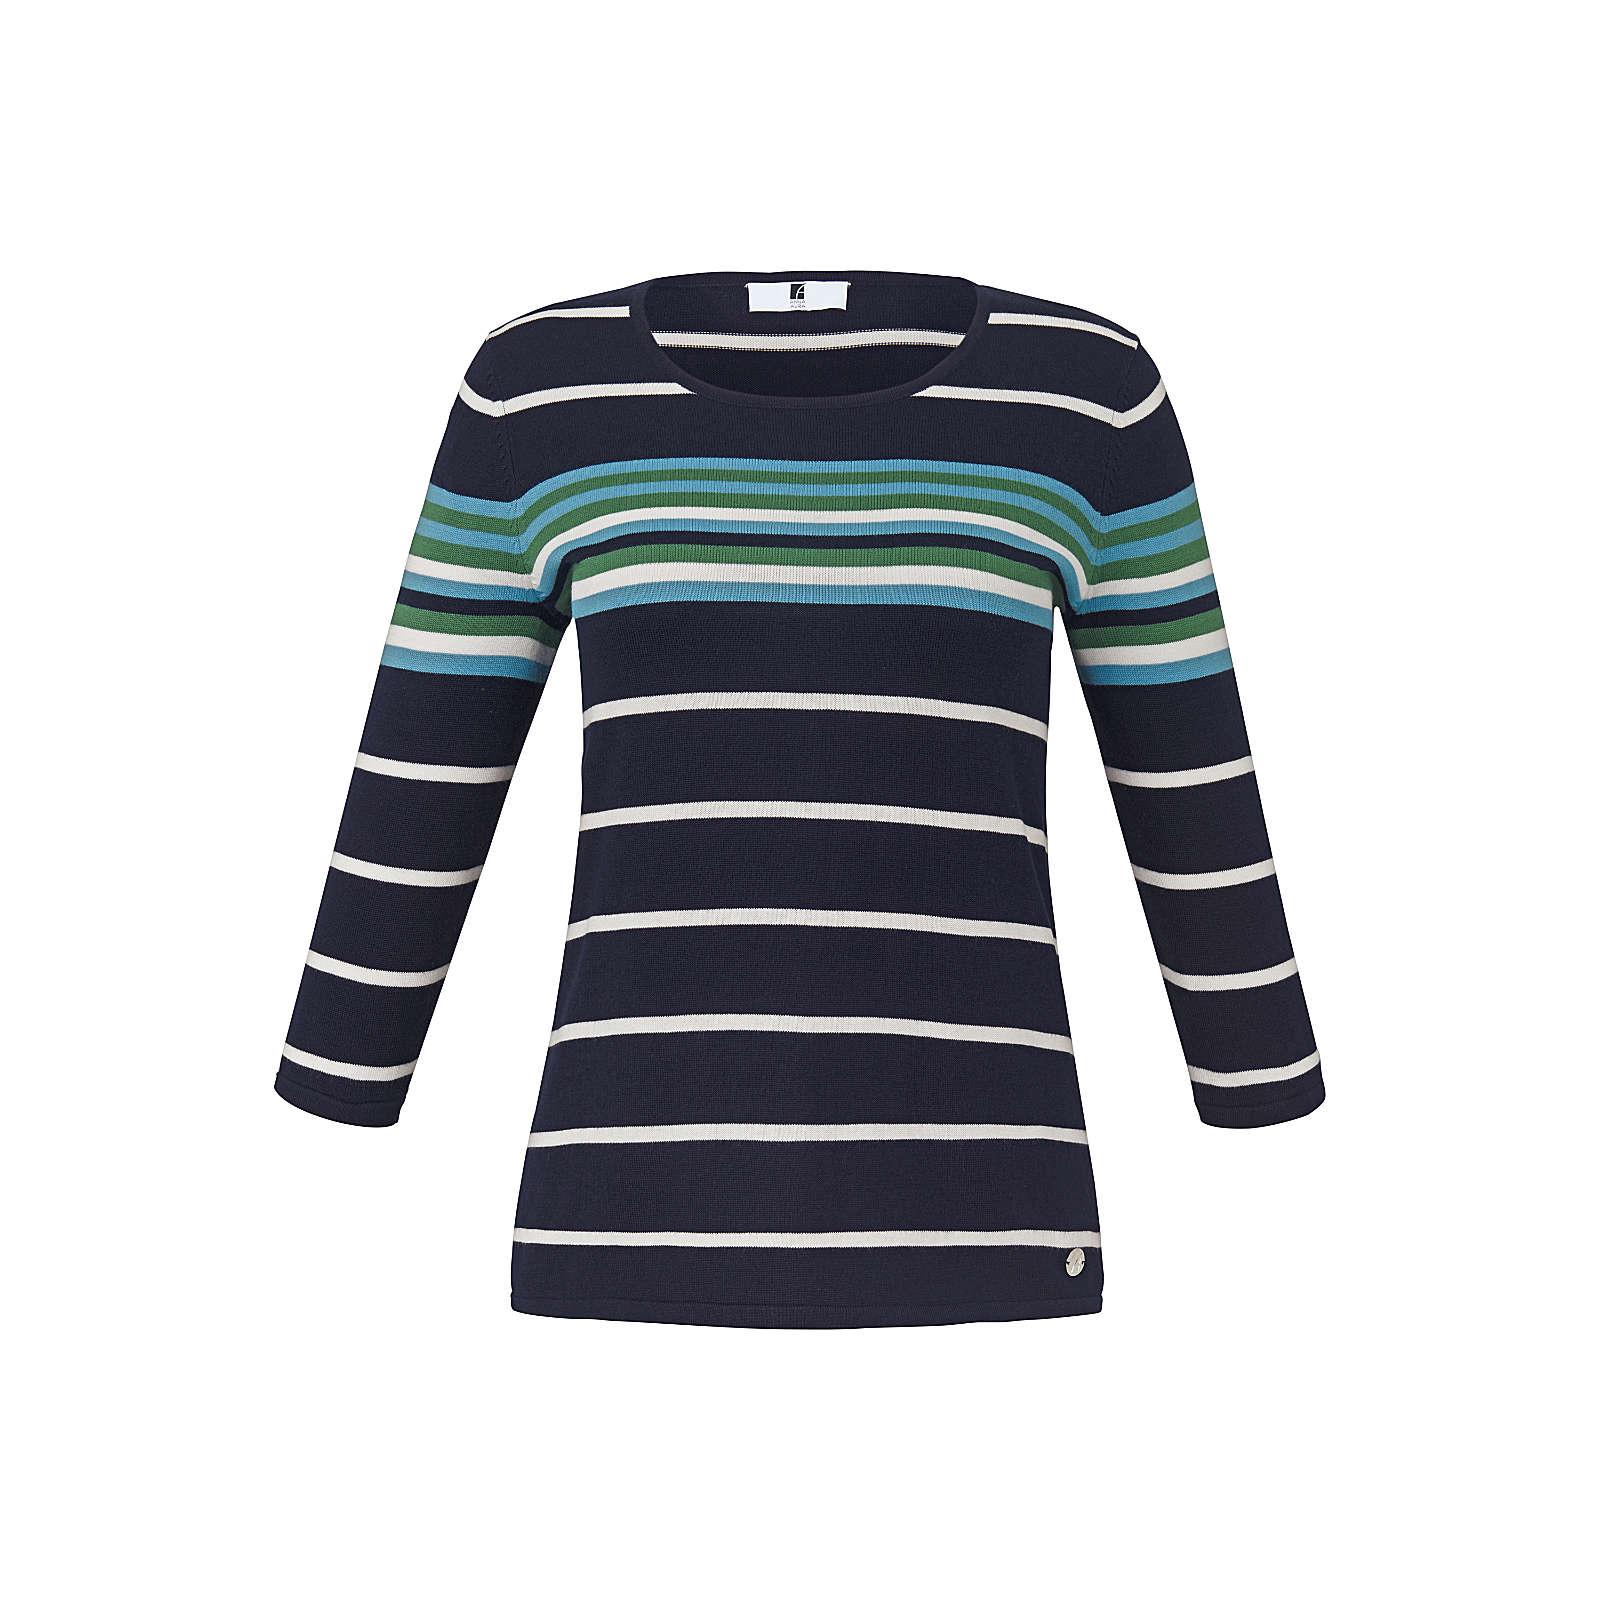 ANNA AURA Pullover Pullover mit 3/4-Arm Pullover bunt Damen Gr. 52